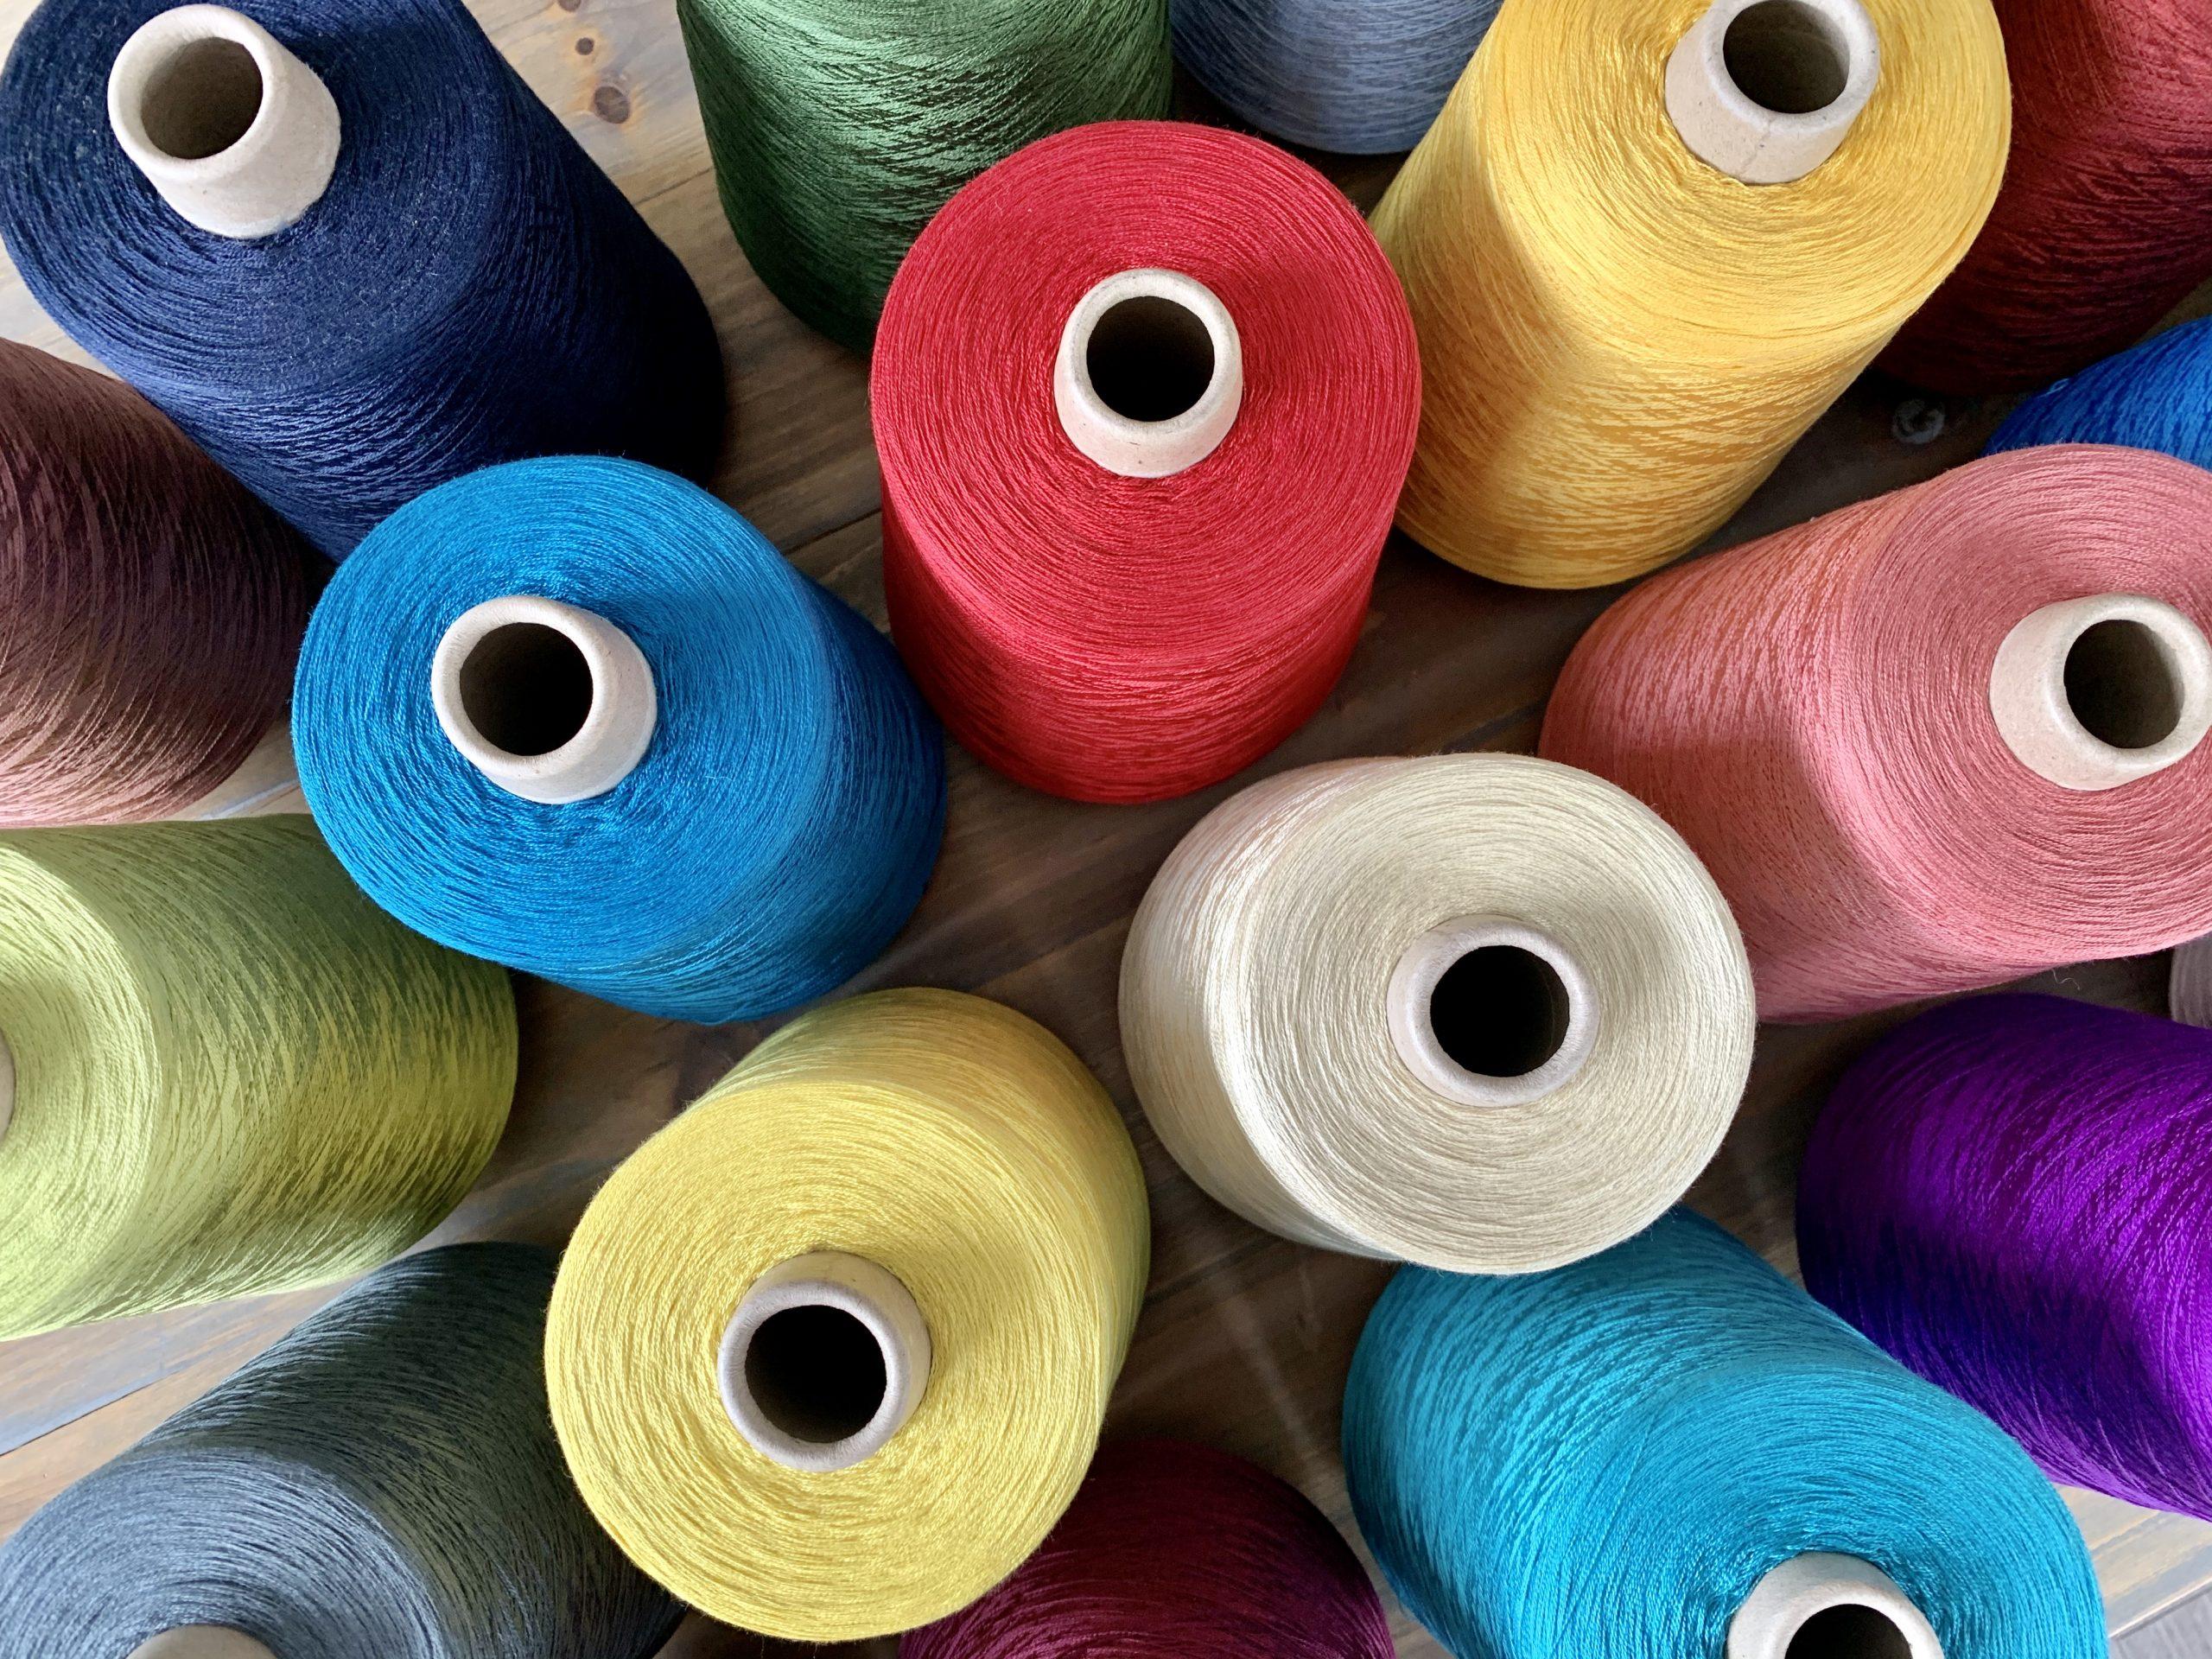 Dyed Silk yarn - Eurestex Silk Yarn - Worldwide delivery